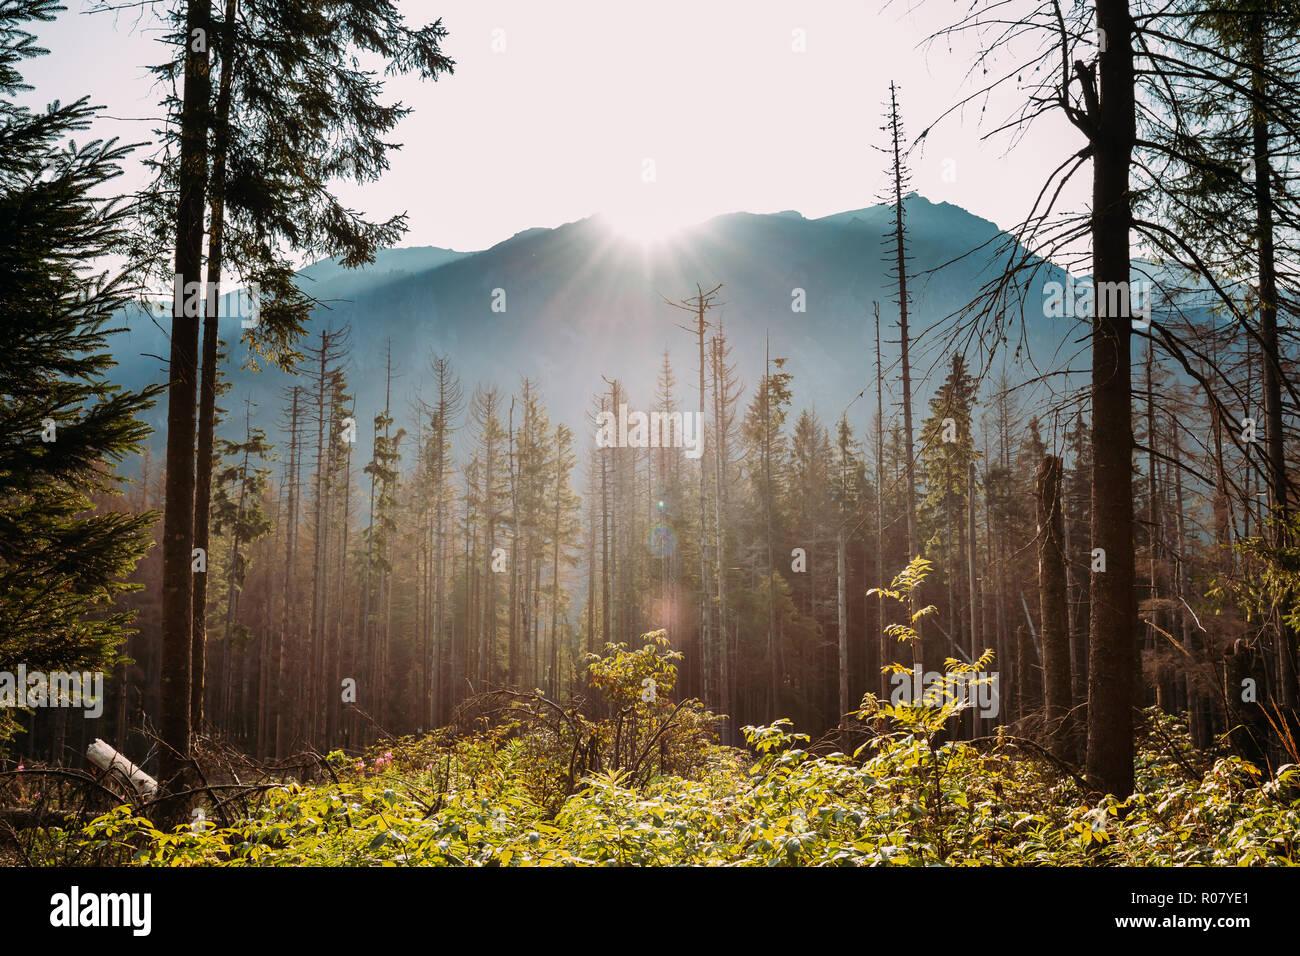 Parc National des Tatras, en Pologne. Lever du soleil au-dessus des montagnes d'automne et de paysages forestiers. Soleil Soleil avec la lumière du soleil à travers les bois des arbres dans matin. Belle Banque D'Images